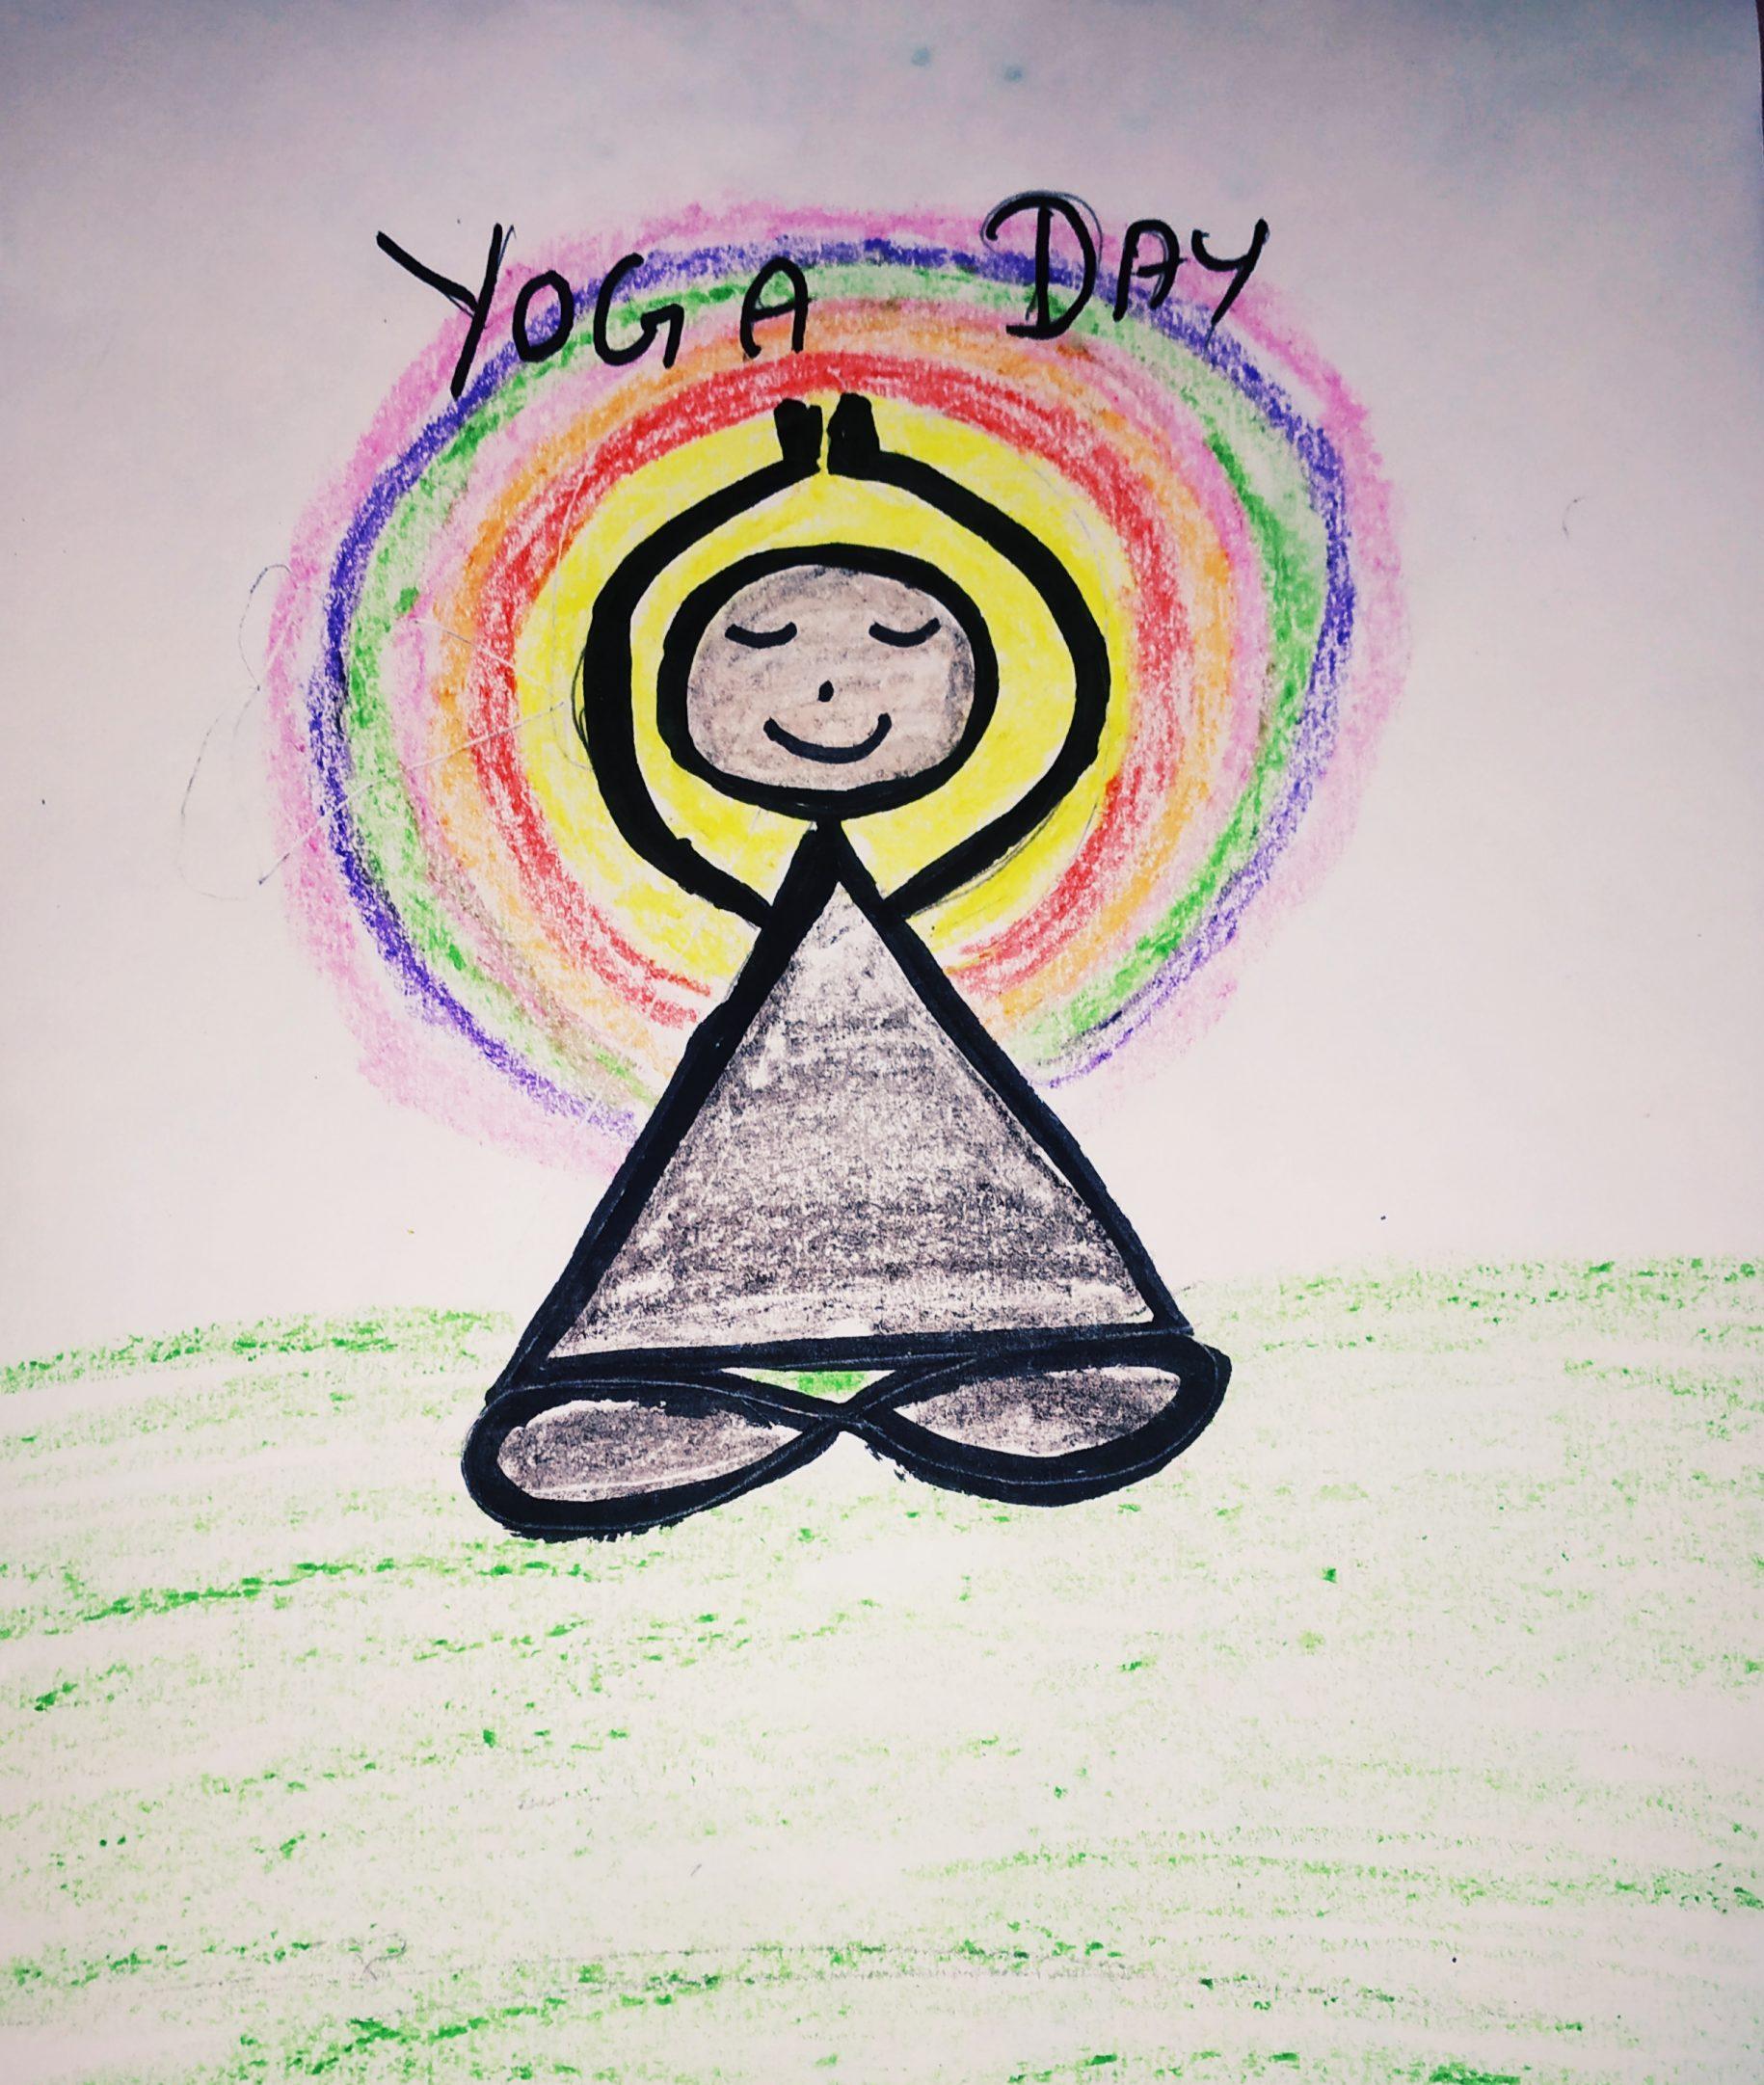 Image Depicting Yoga